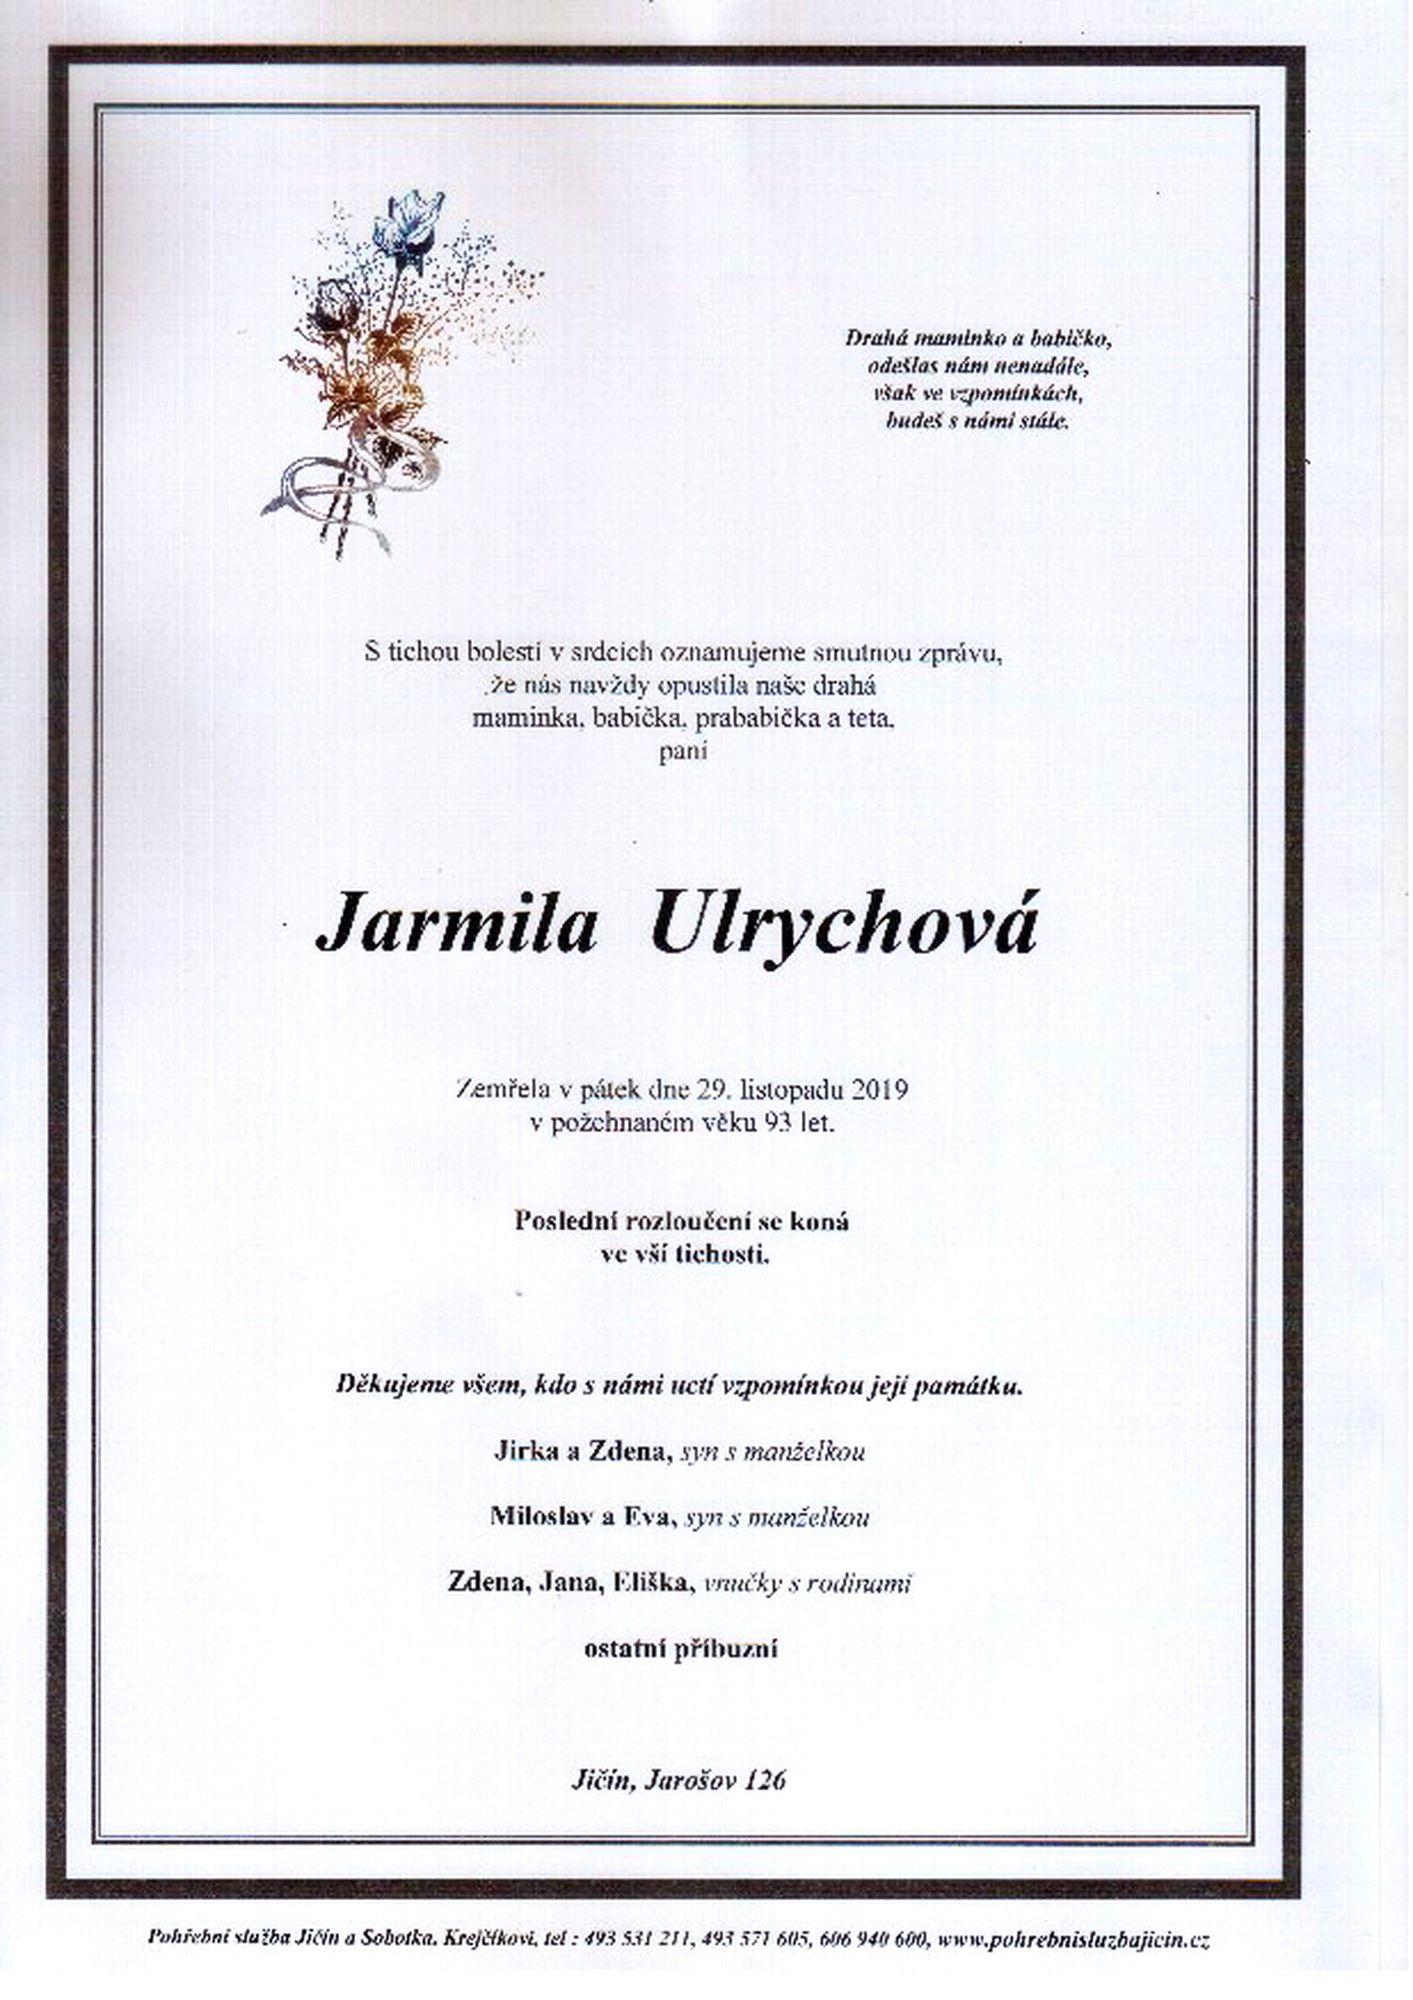 Jarmila Ulrychová